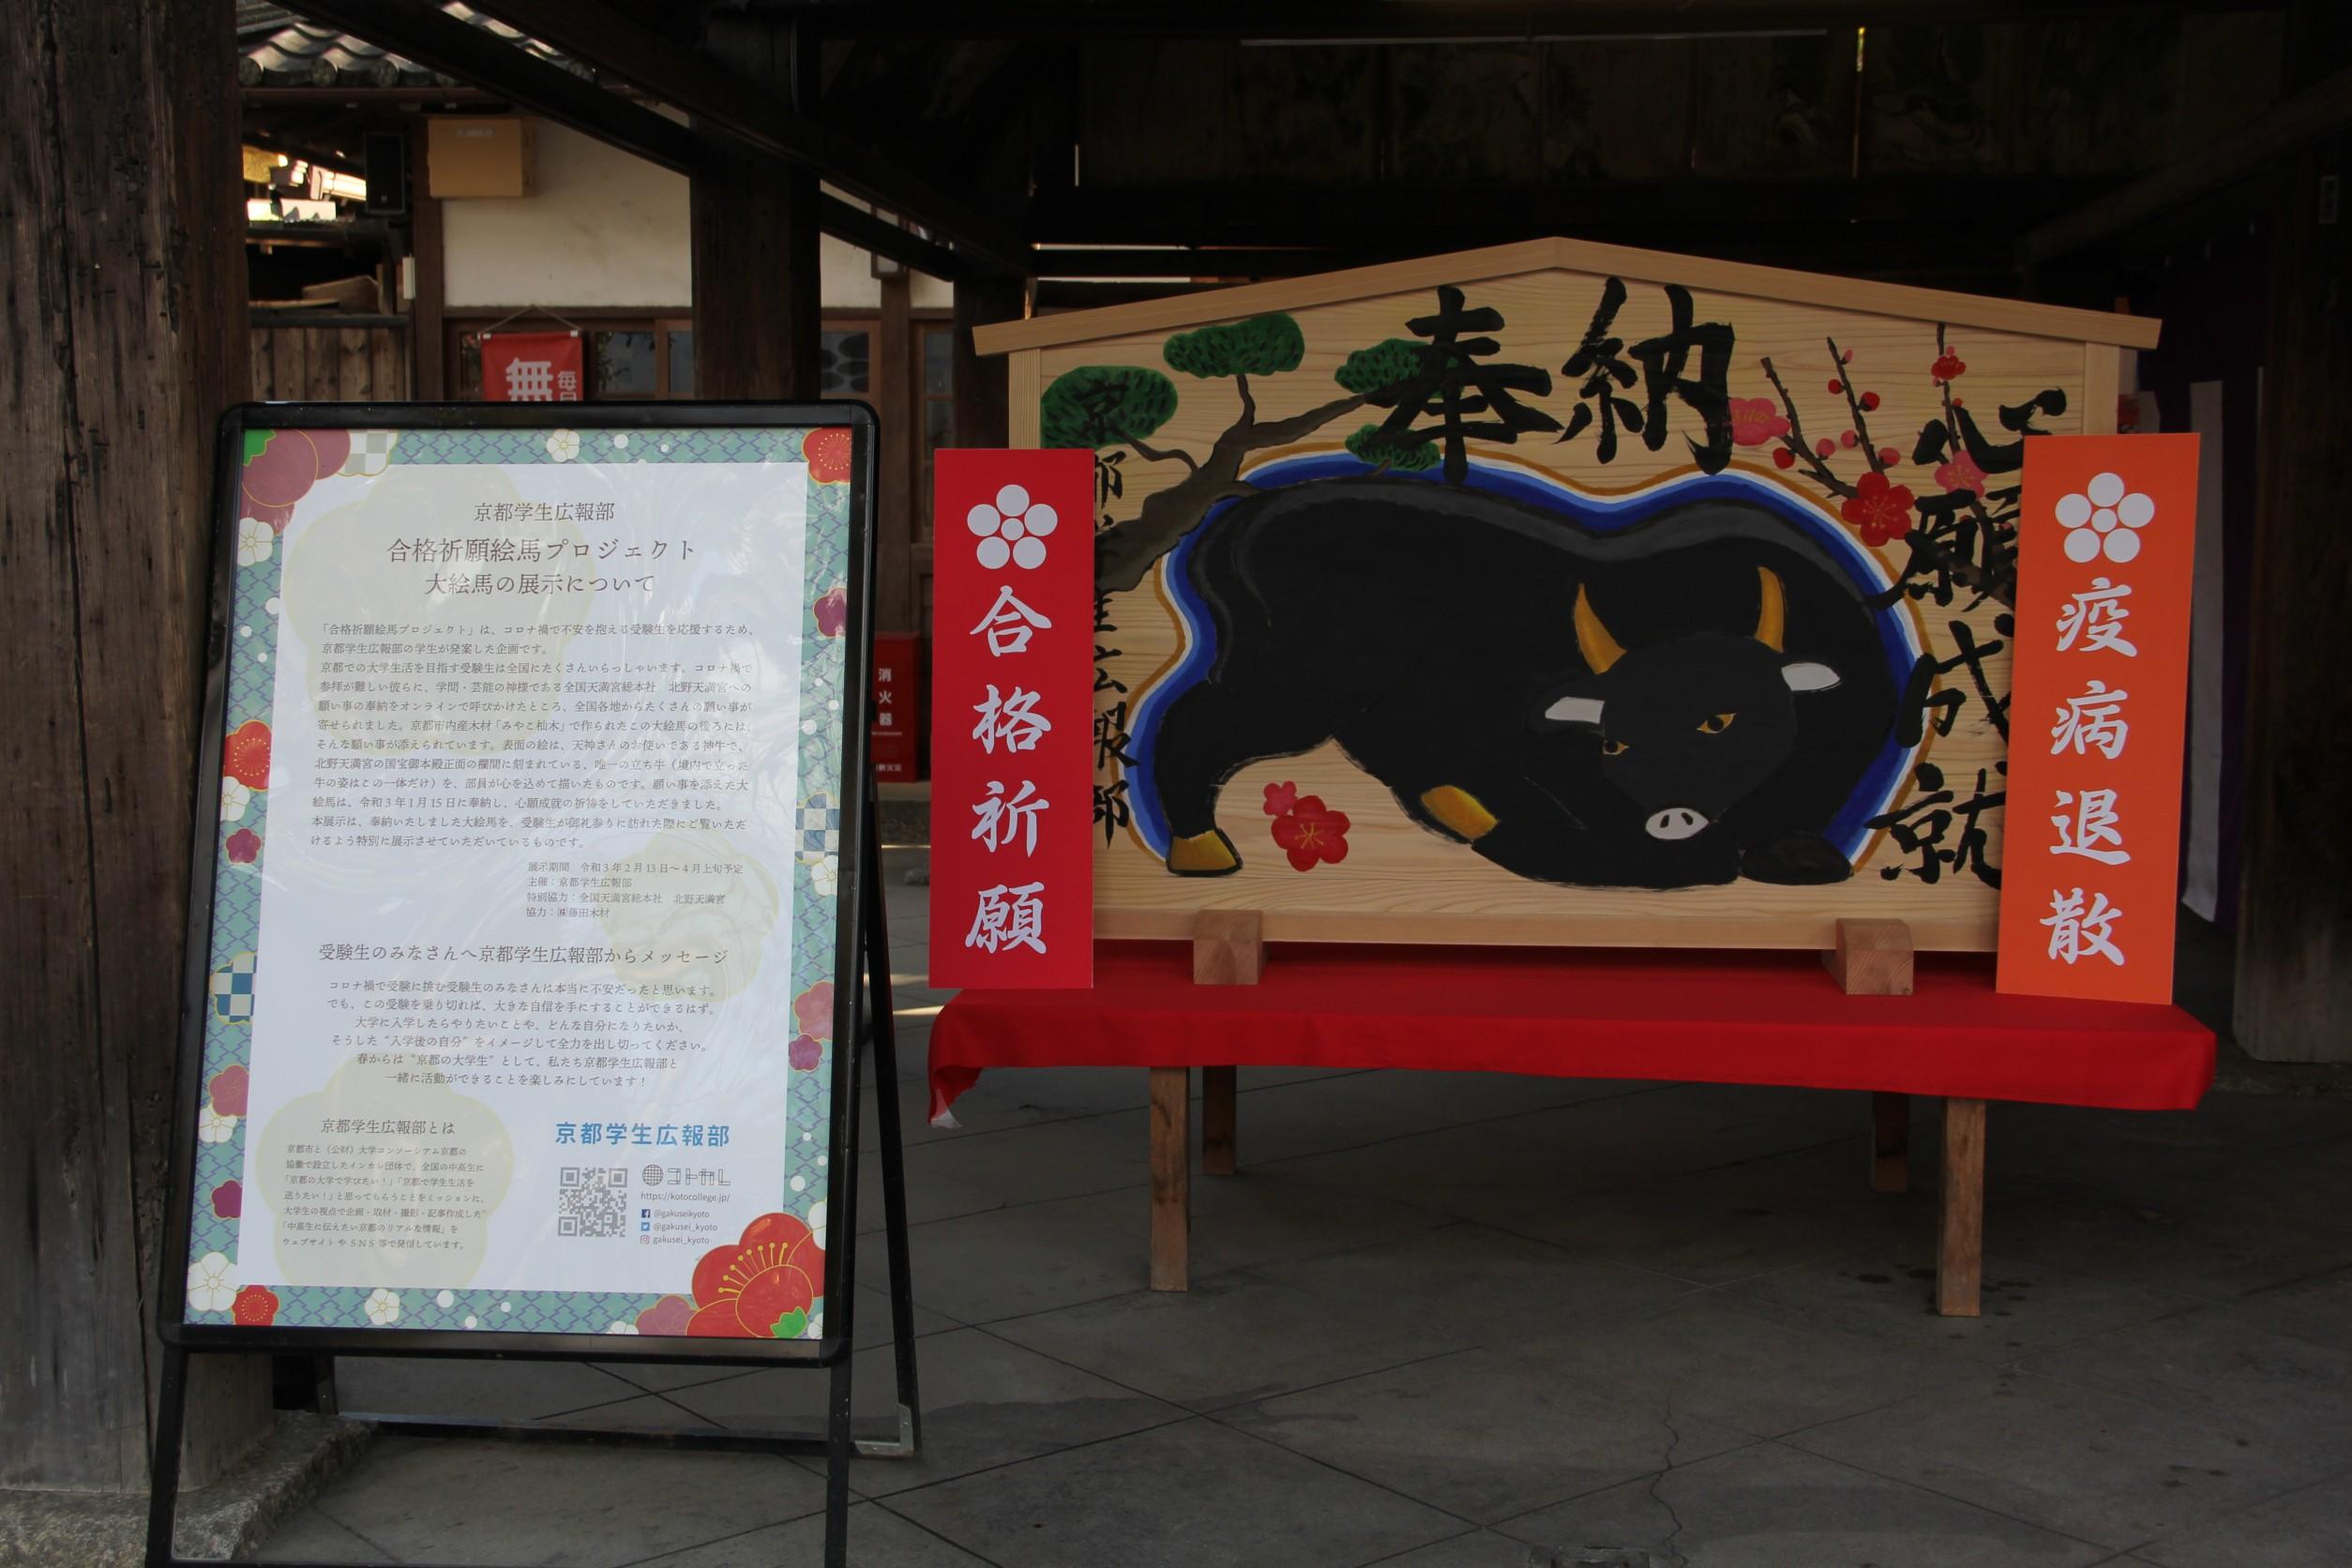 【合格祈願絵馬プロジェクト】大絵馬の展示を開始!